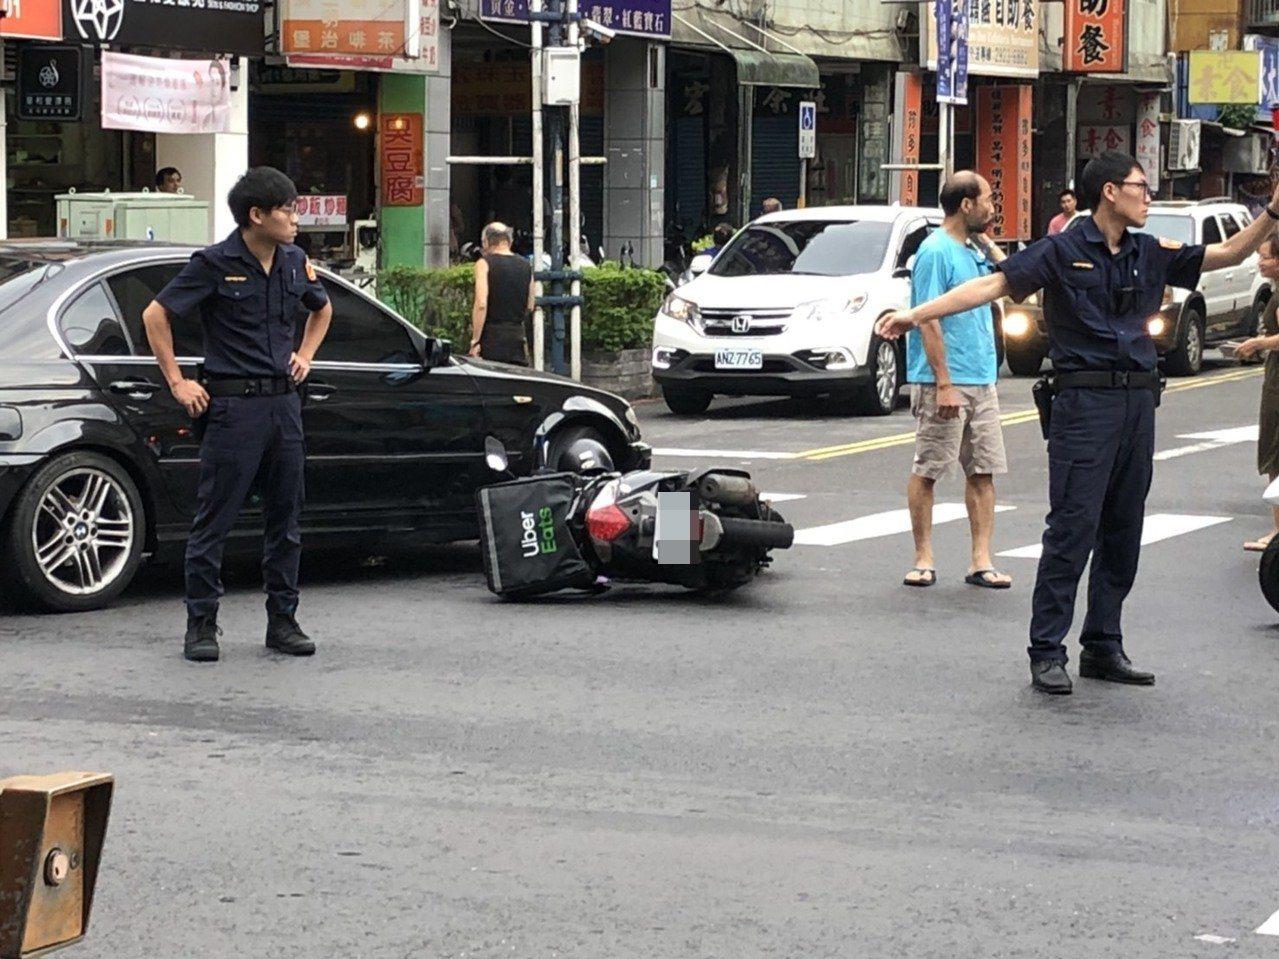 羅男疑似為貪快左轉,未注意到對向來車,造成高男閃避不及直直撞上。圖/讀者提供